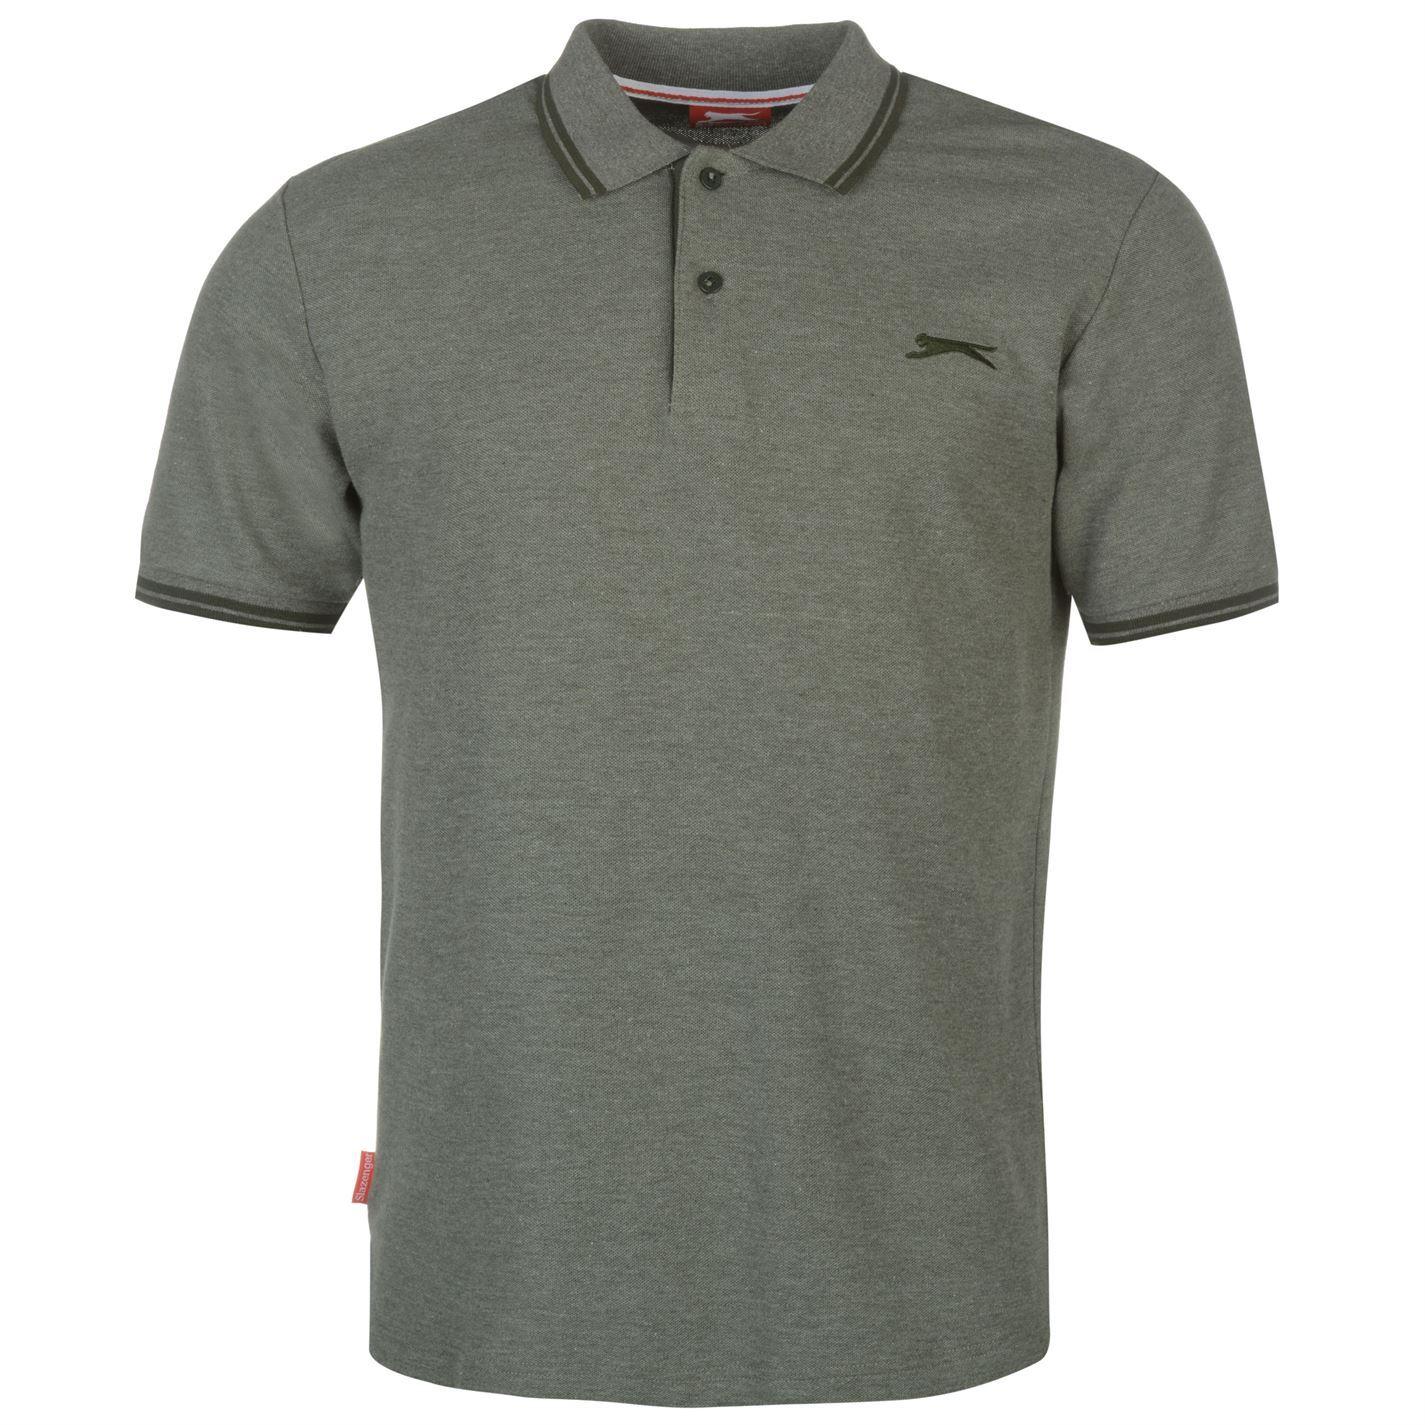 Slazenger-Polo-Camisa-de-hombre-con-cuello-con-Punta-T-Shirt-Top-Camiseta-Tee miniatura 49